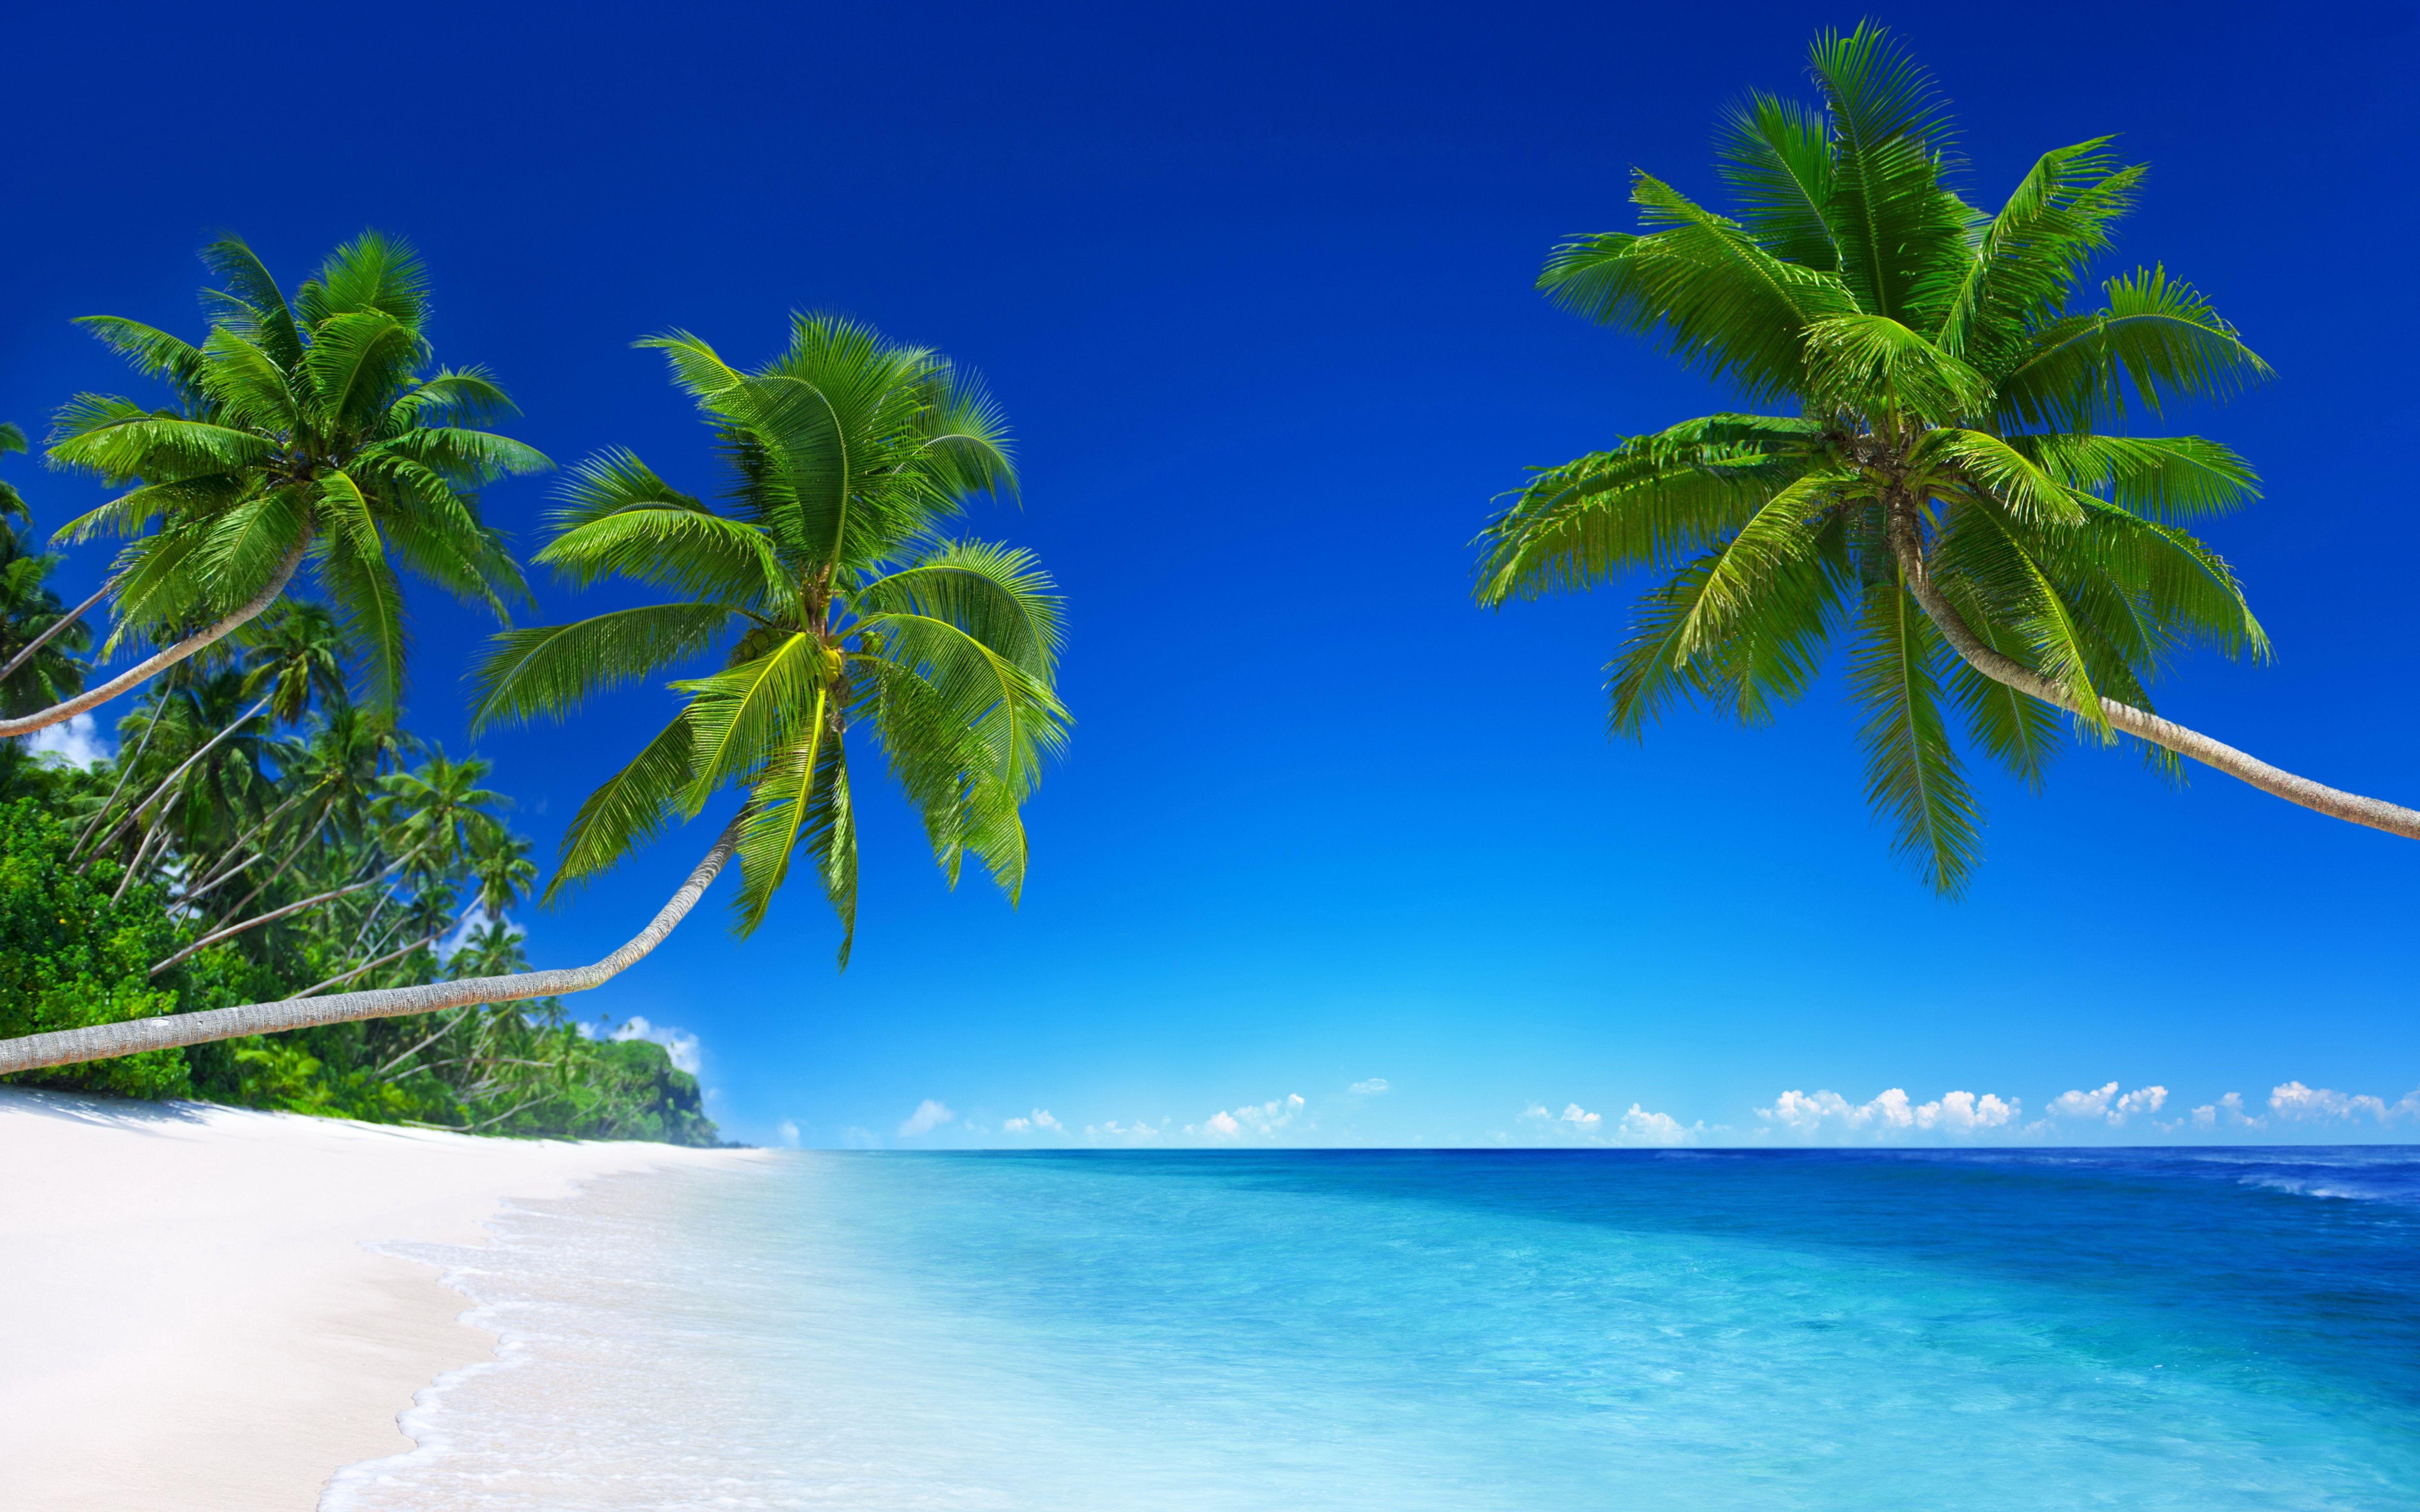 Beach Scenes Desktop Wallpapers   Top Beach Scenes Desktop 5120x3200